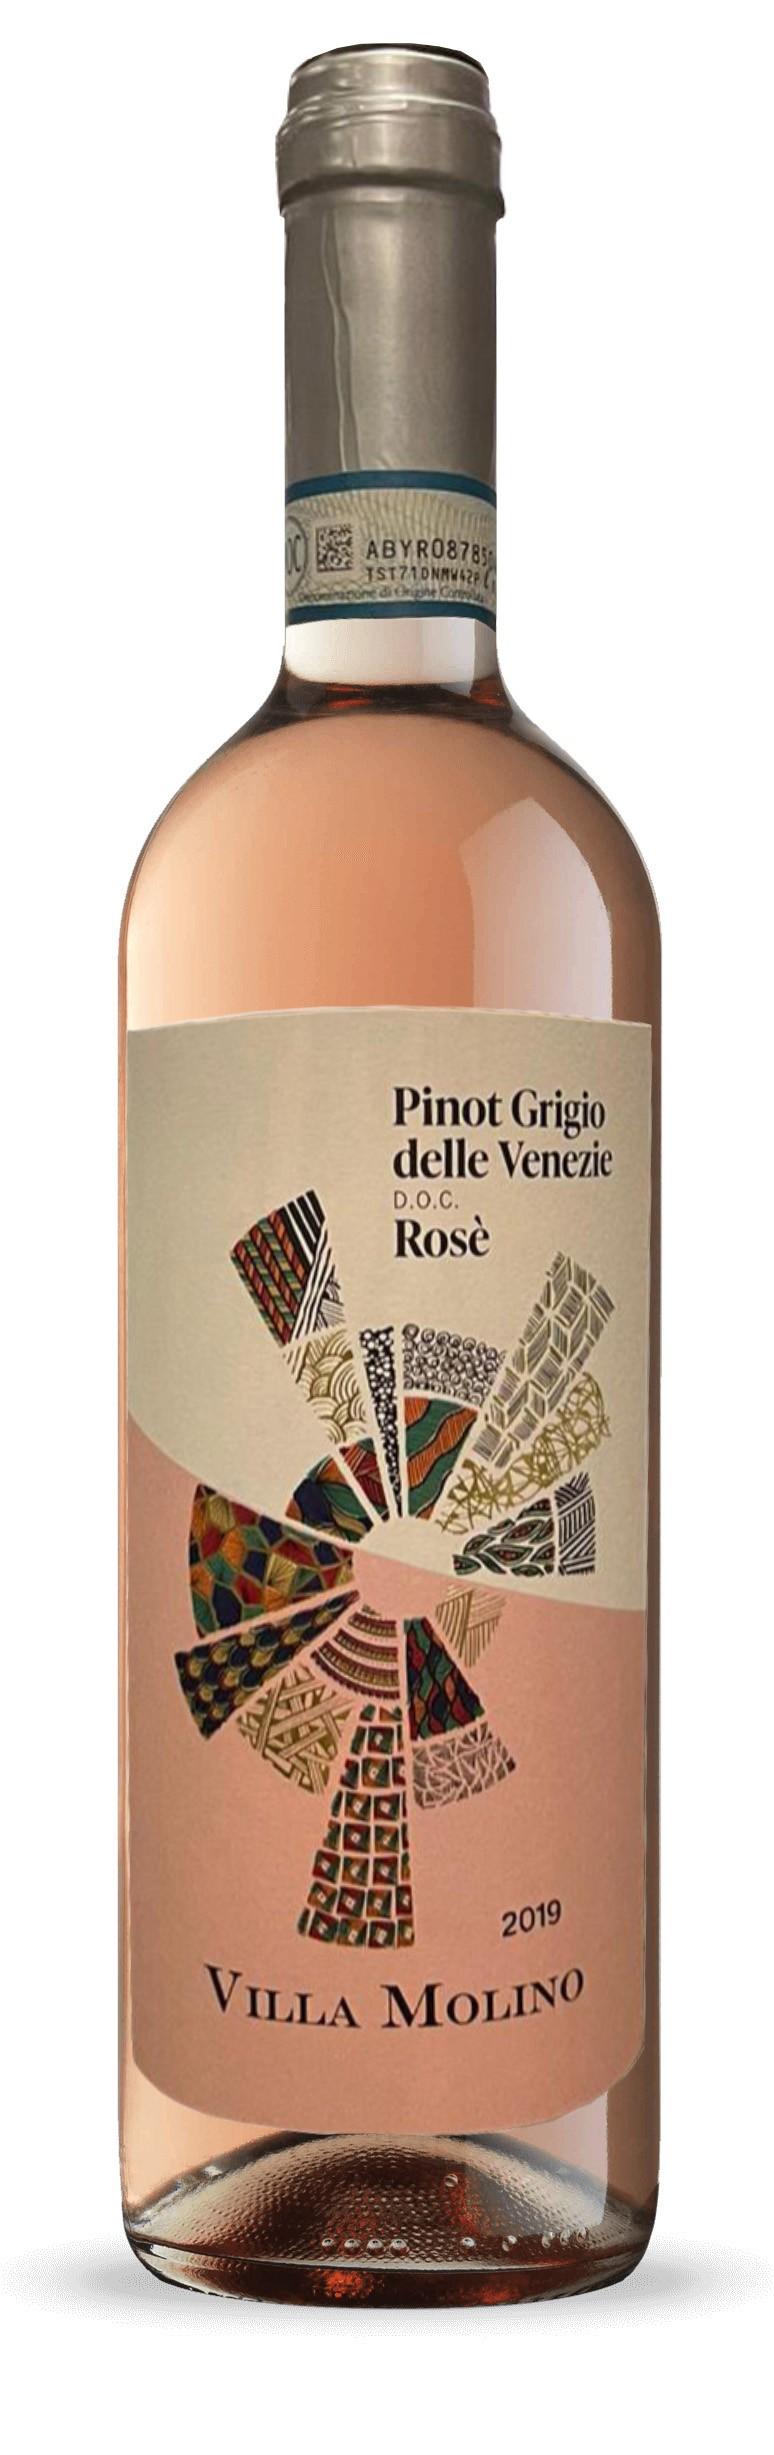 Villa Molino Pinot Grigio delle Venezie Rosè D.O.C. 2019 - 6 Bottiglie da 75cl